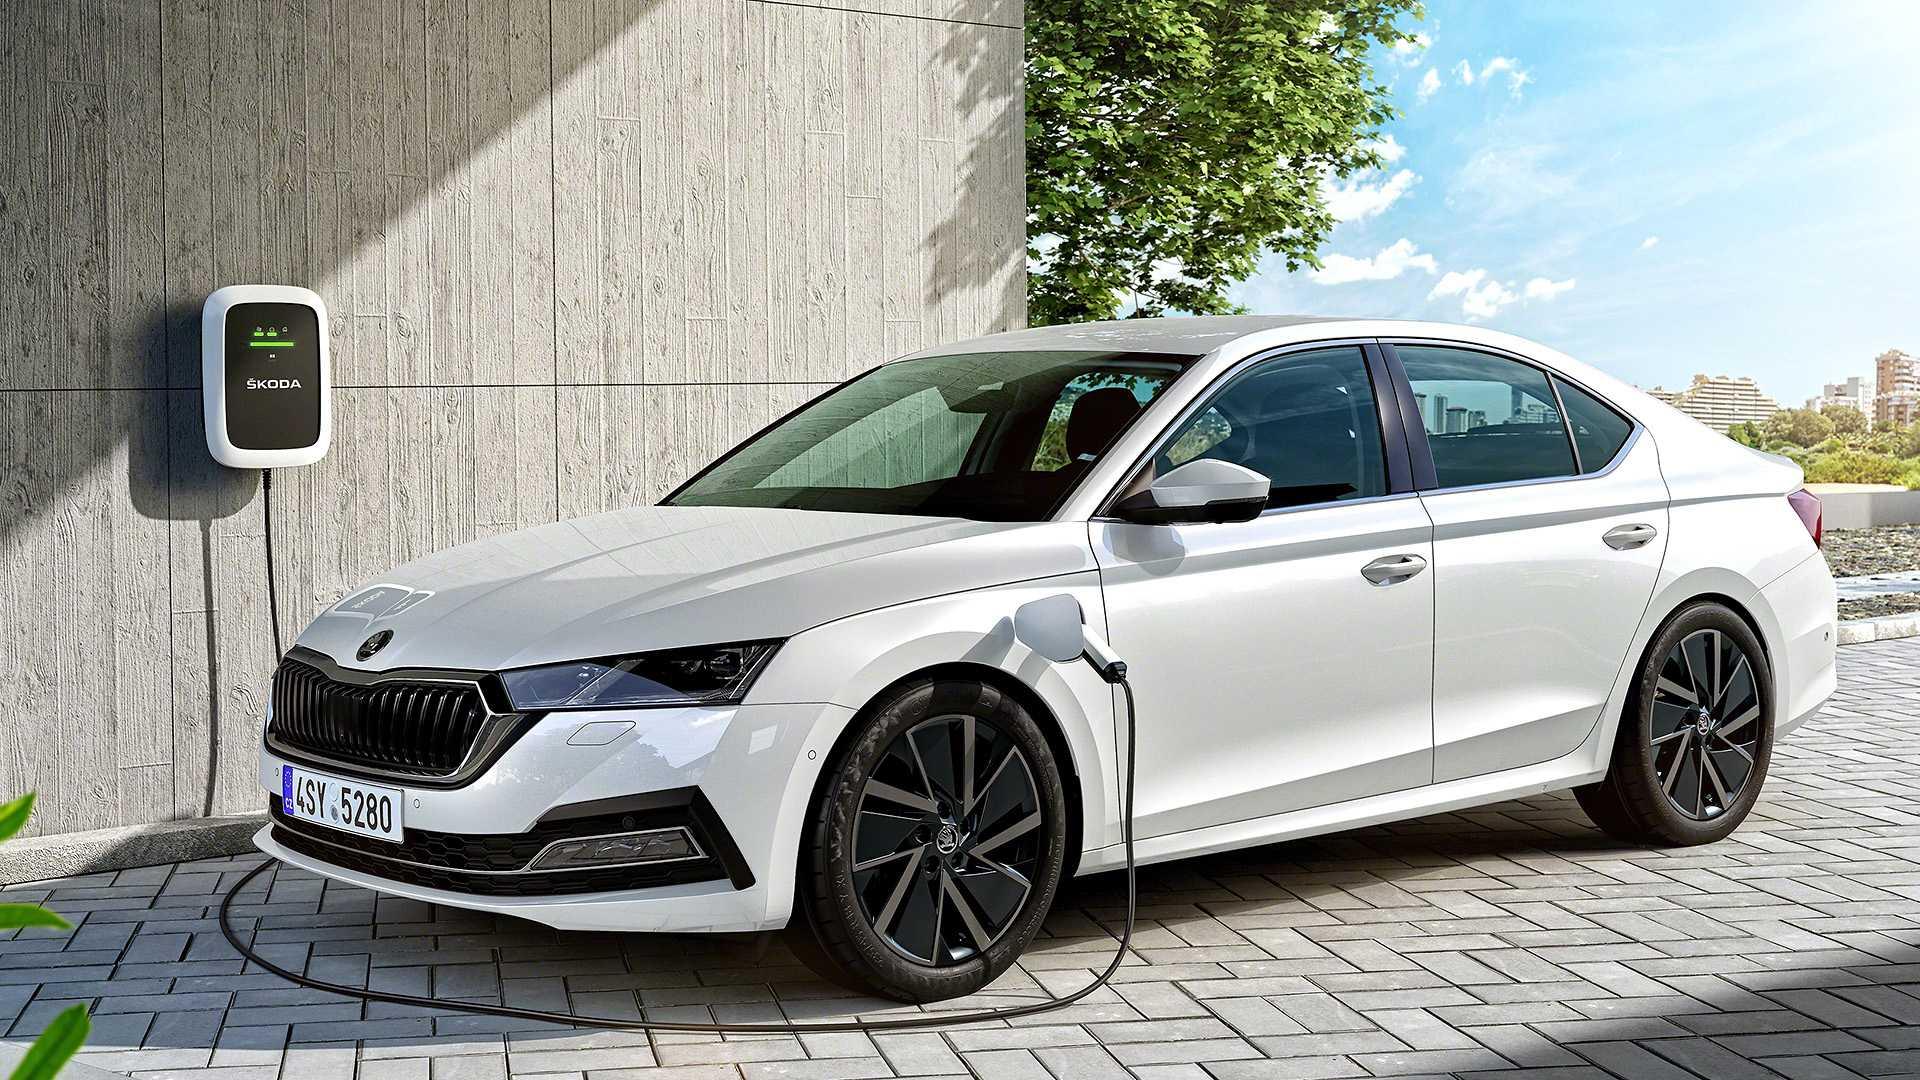 خودروی اسکودا Octavia 2020، اتومبیلی با قابلیتهای ویژه